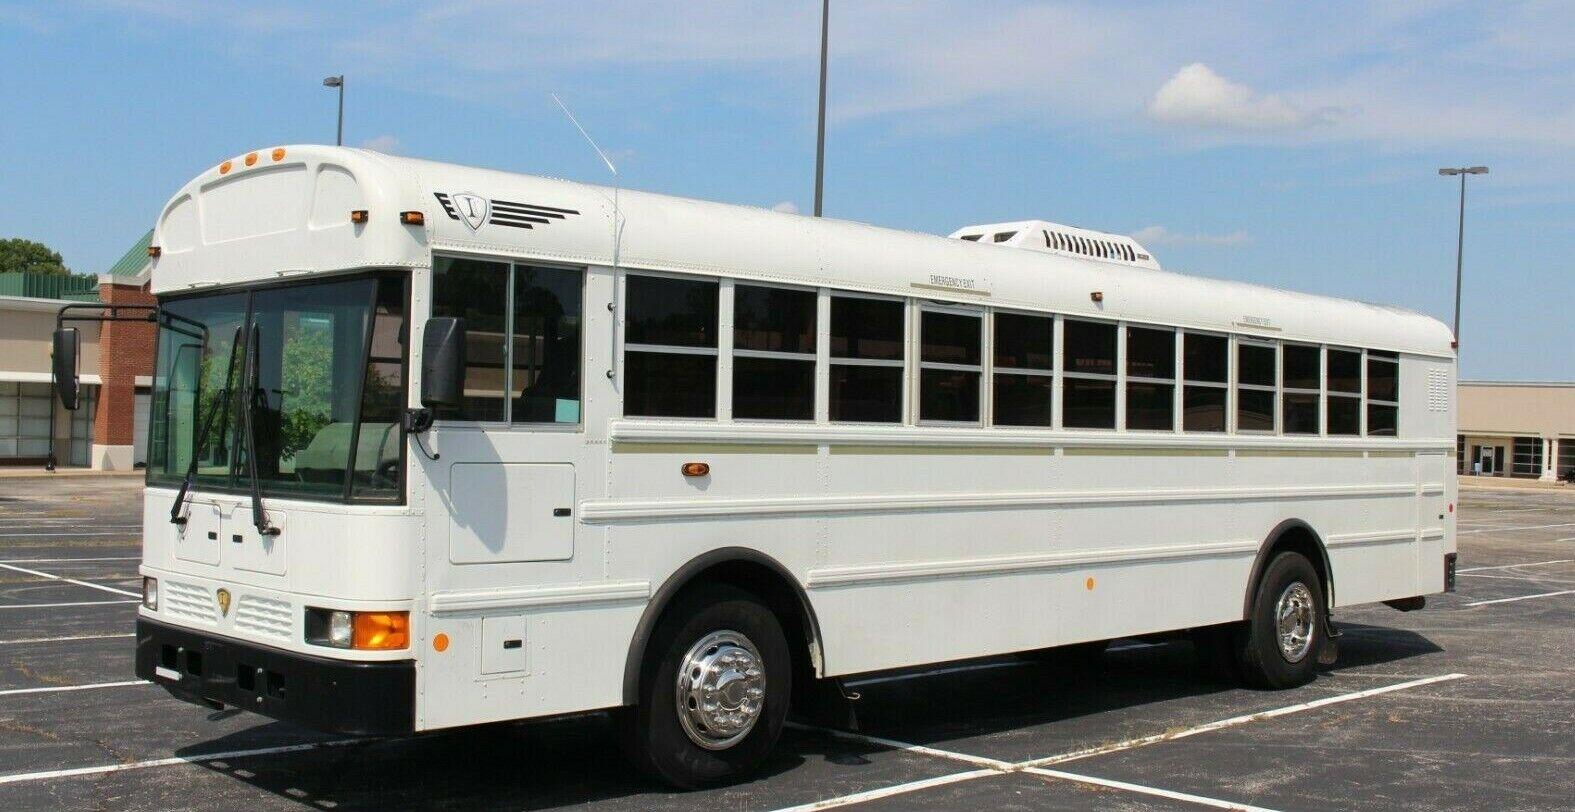 2012 International School Activity Bus Diesel Pusher Shuttle Limo Skoolie Used